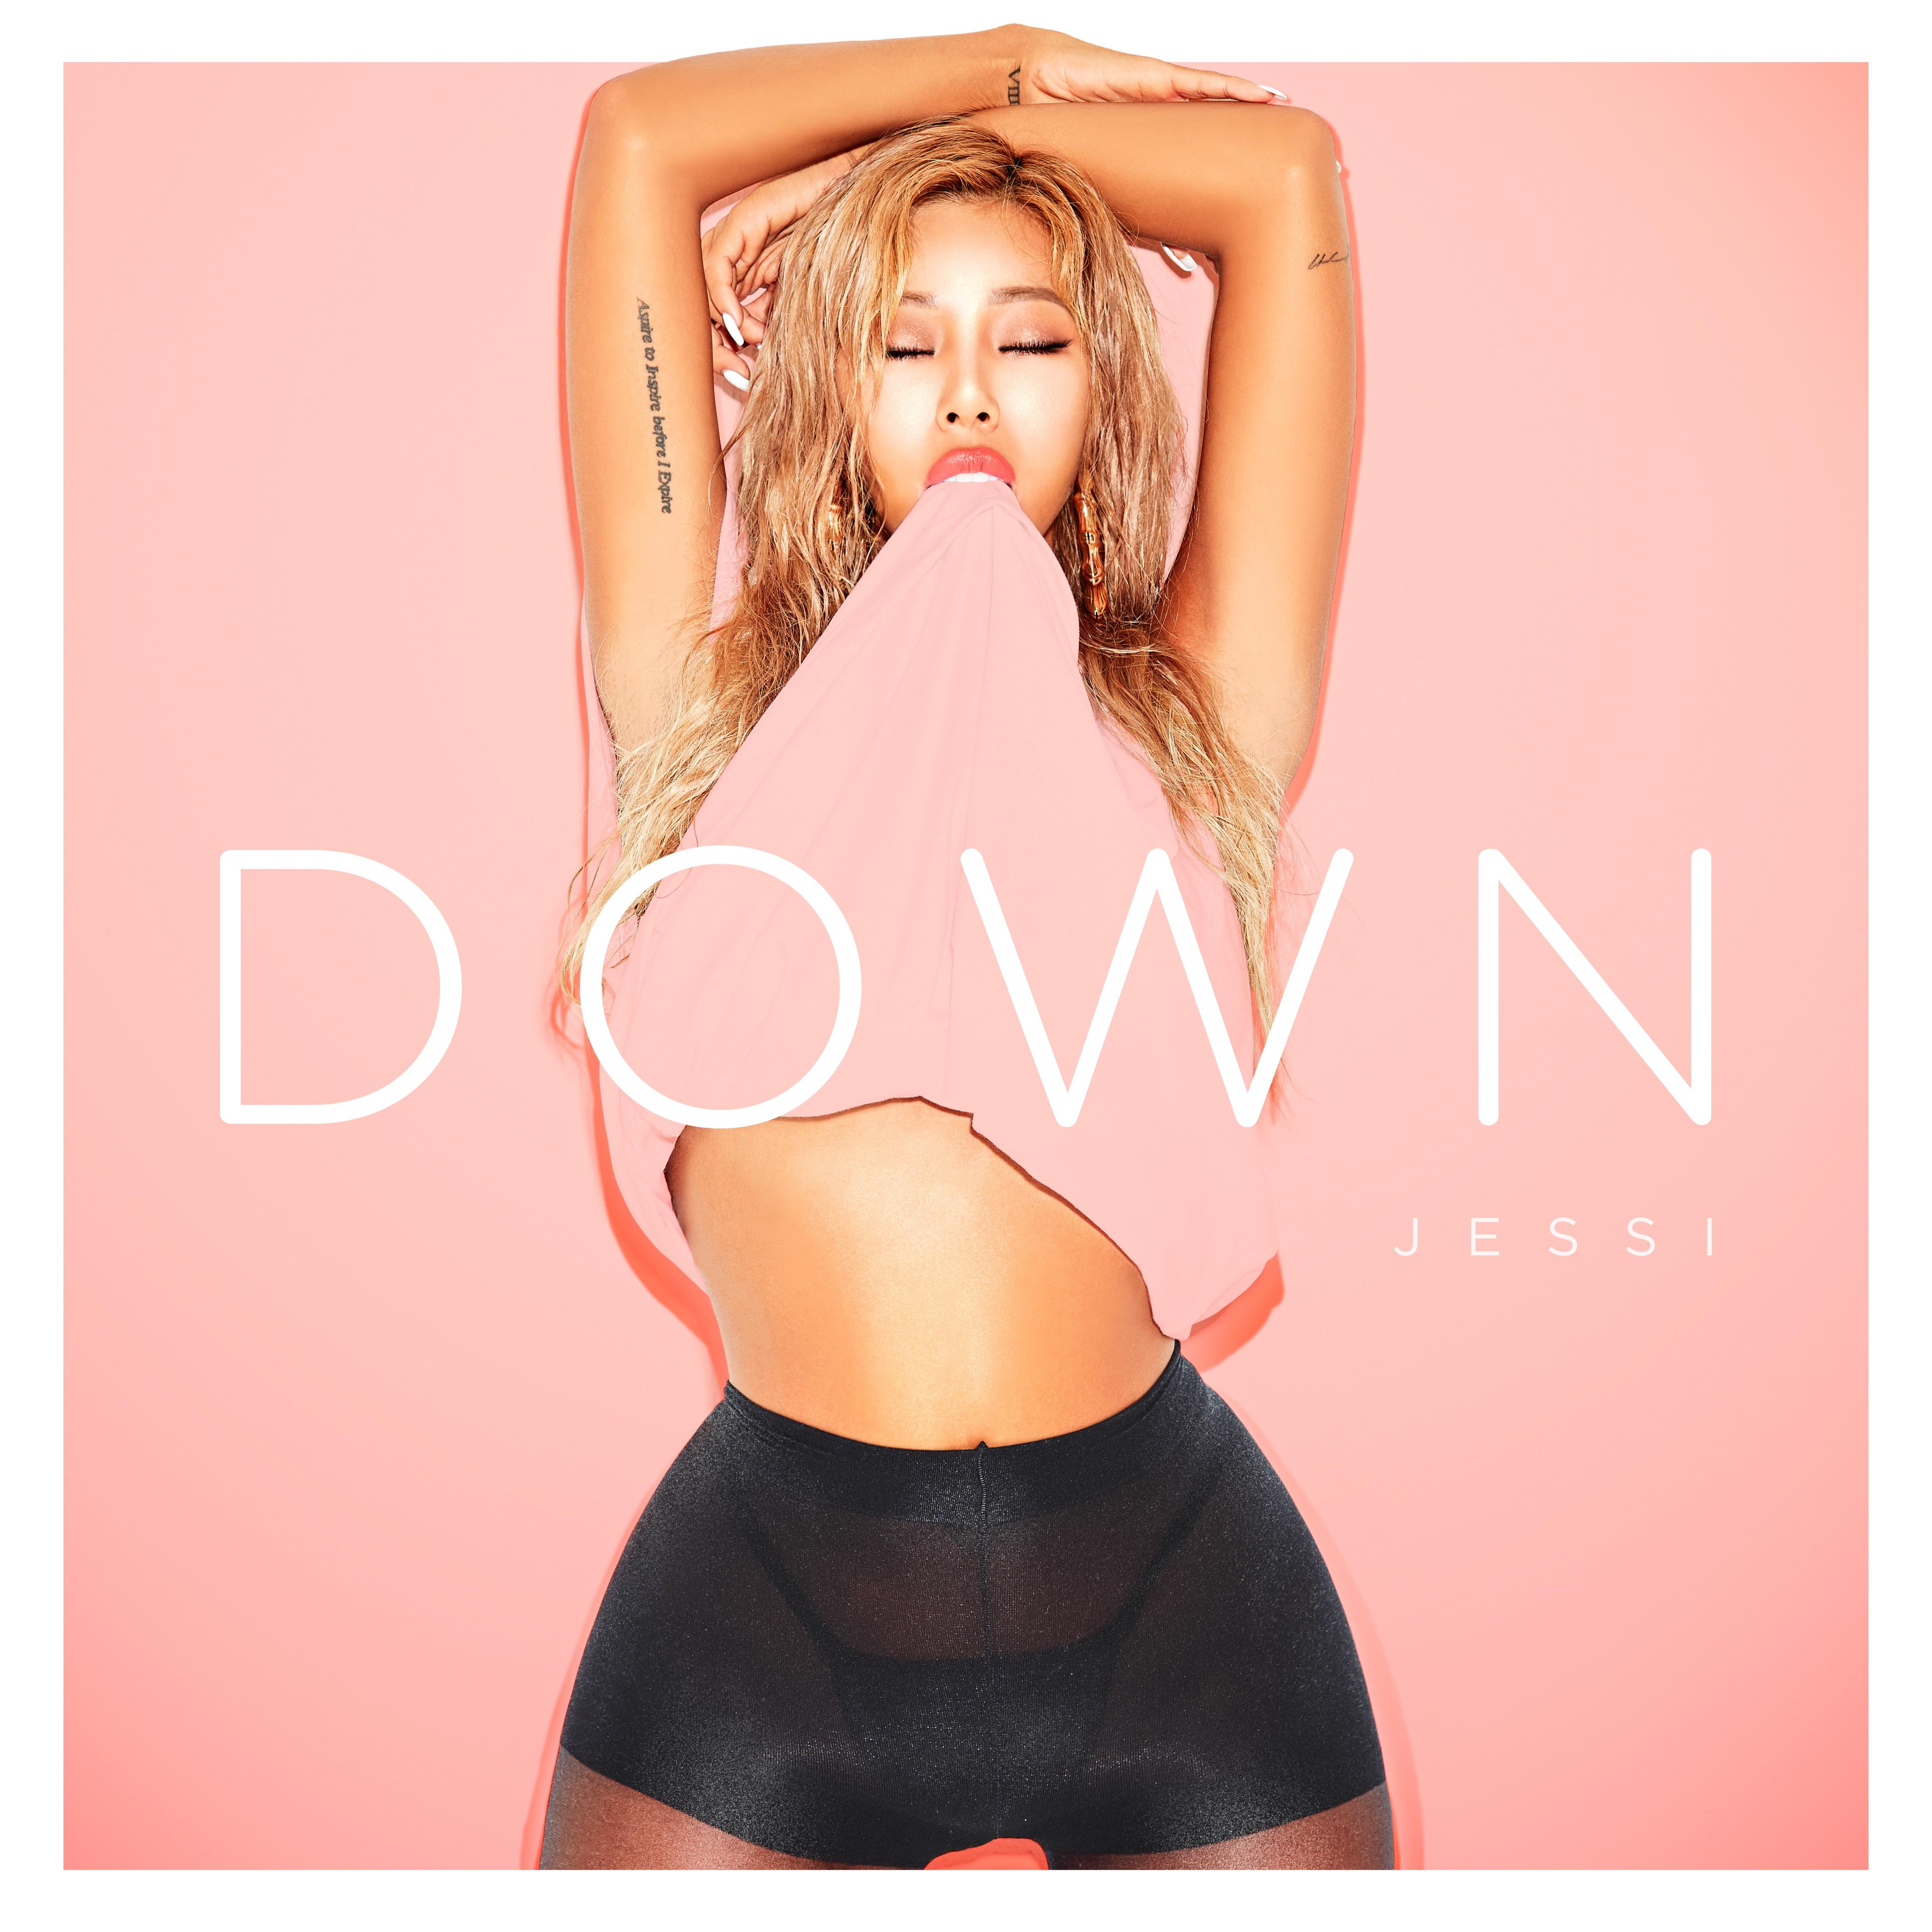 [情報] Jessi - Down